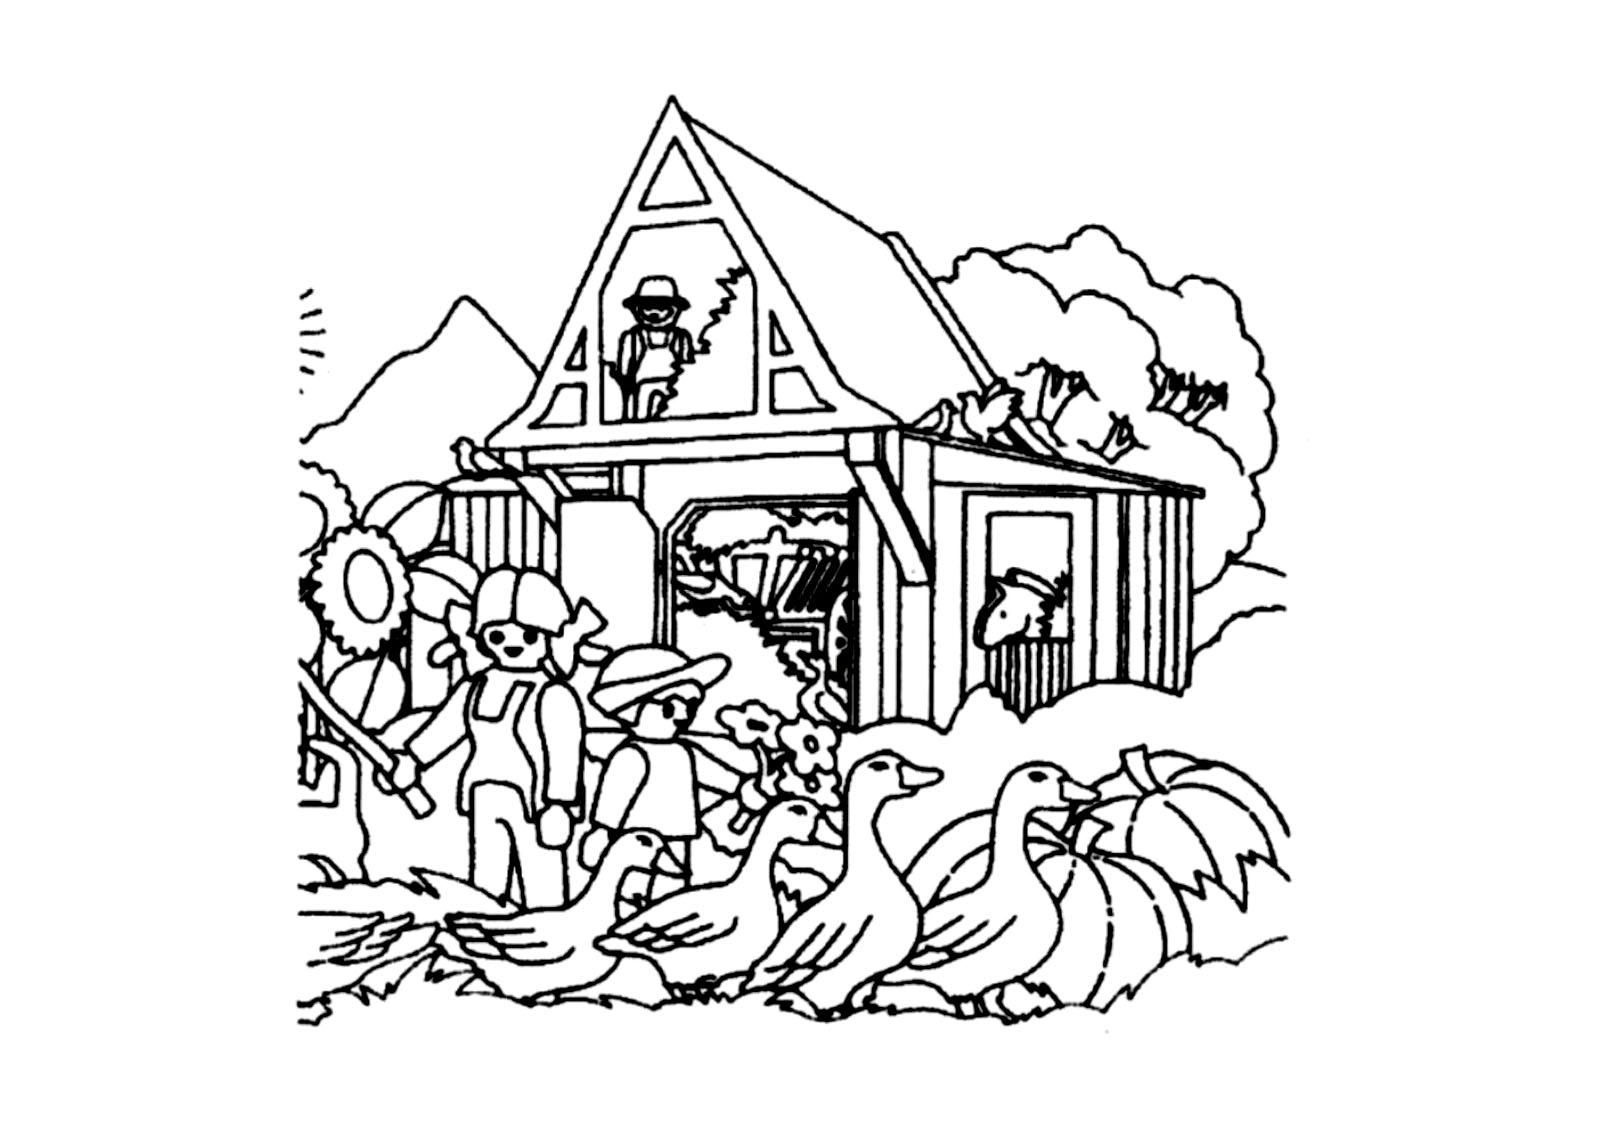 Image d'une ferme Playmobil à imprimer et colorier